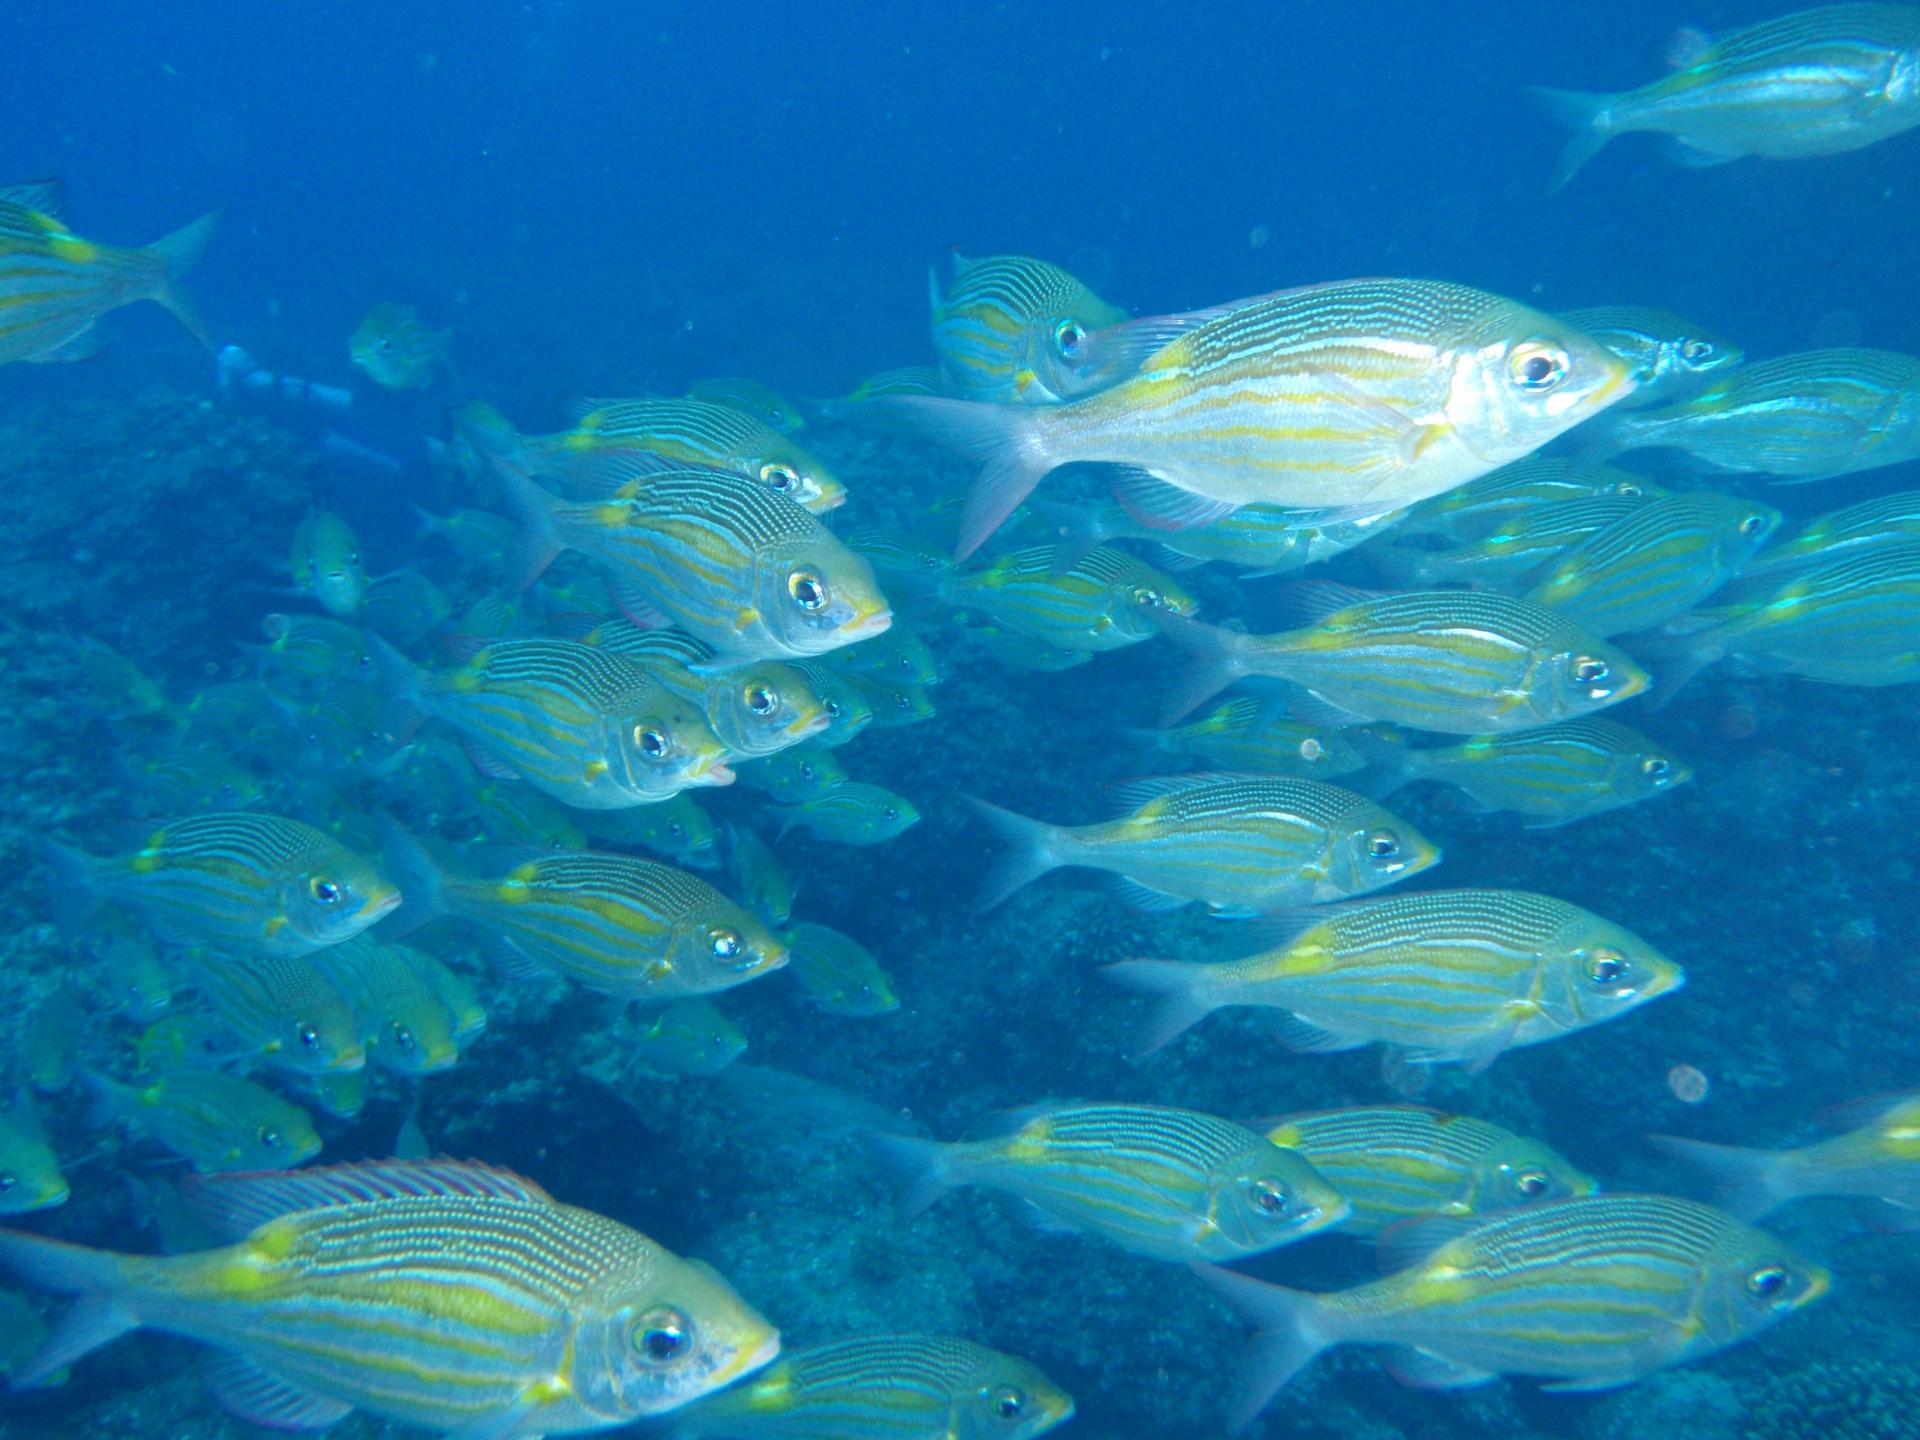 (キャプション)2050年には、海中に存在する魚とプラスチックごみが同じ重量になるという説も